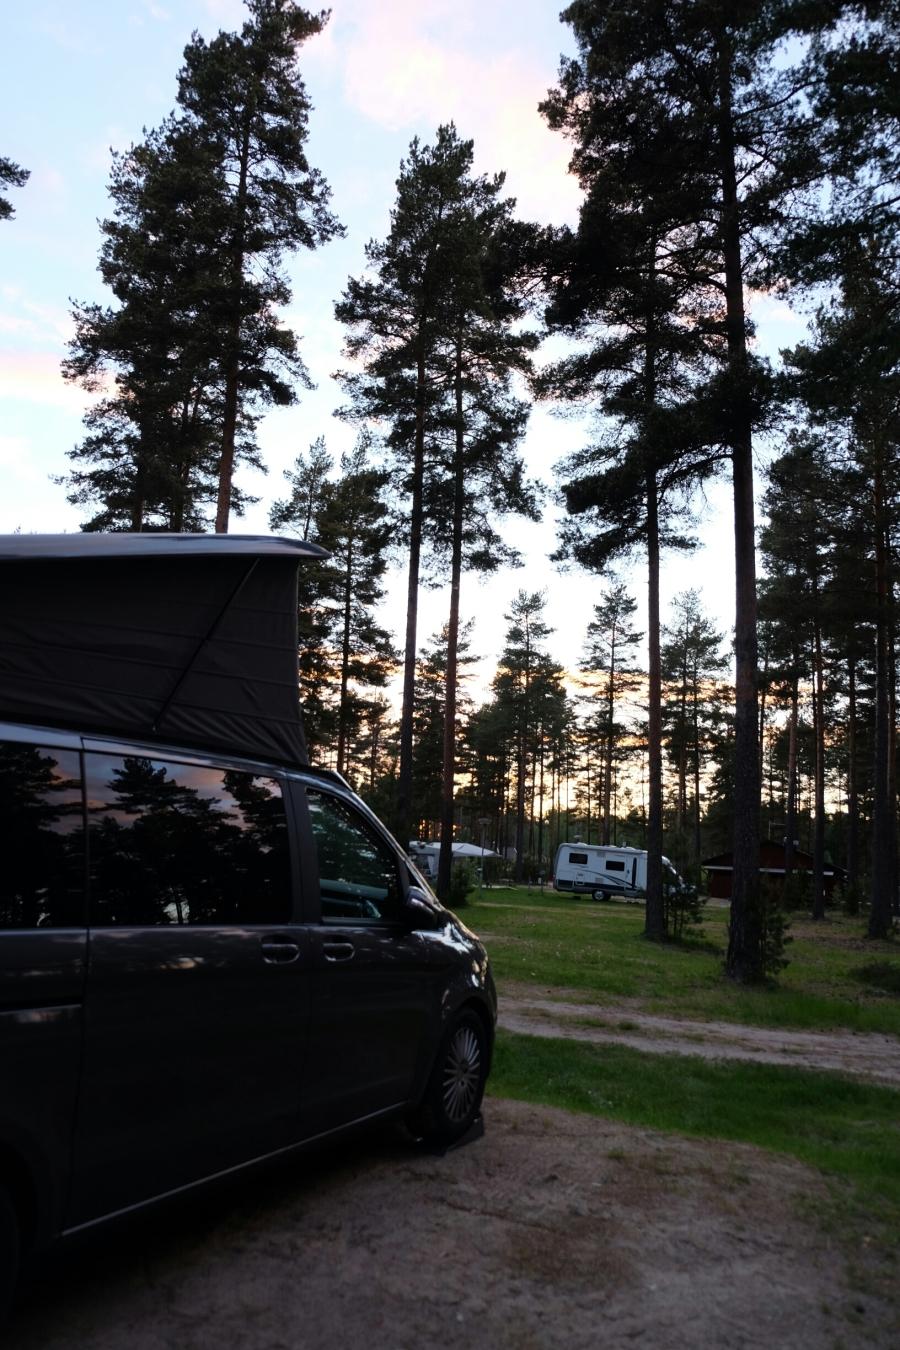 Marco Polo in Abendstimmung auf dem Campingplatz von Råda